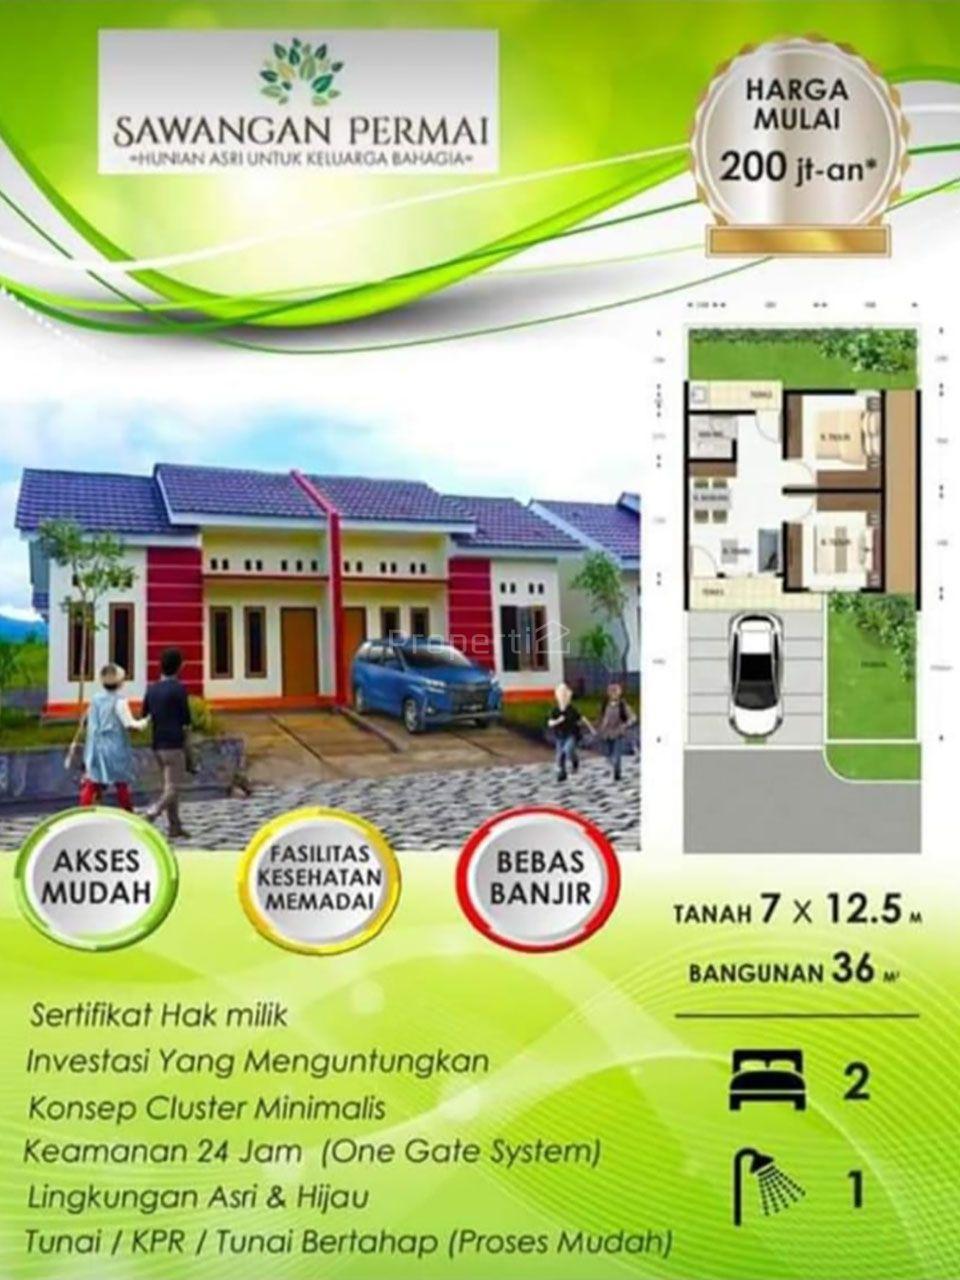 Rumah Perumahan di Sawangan Permai Manado, Paal Dua